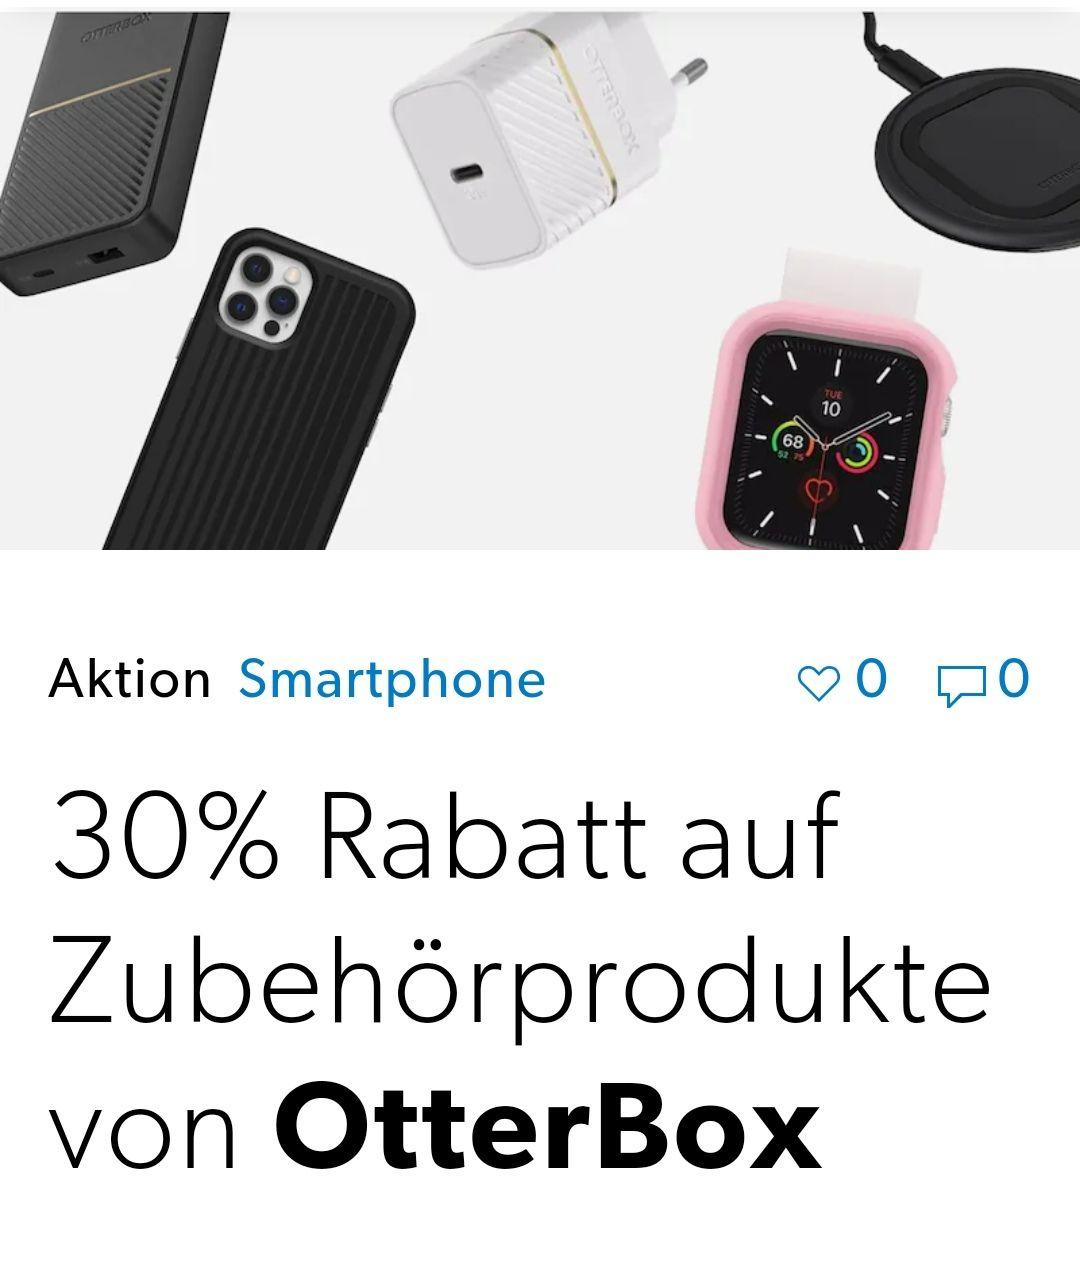 30% Rabatt auf Otterbox Produkte Hülle Smartphone Case @ galaxus